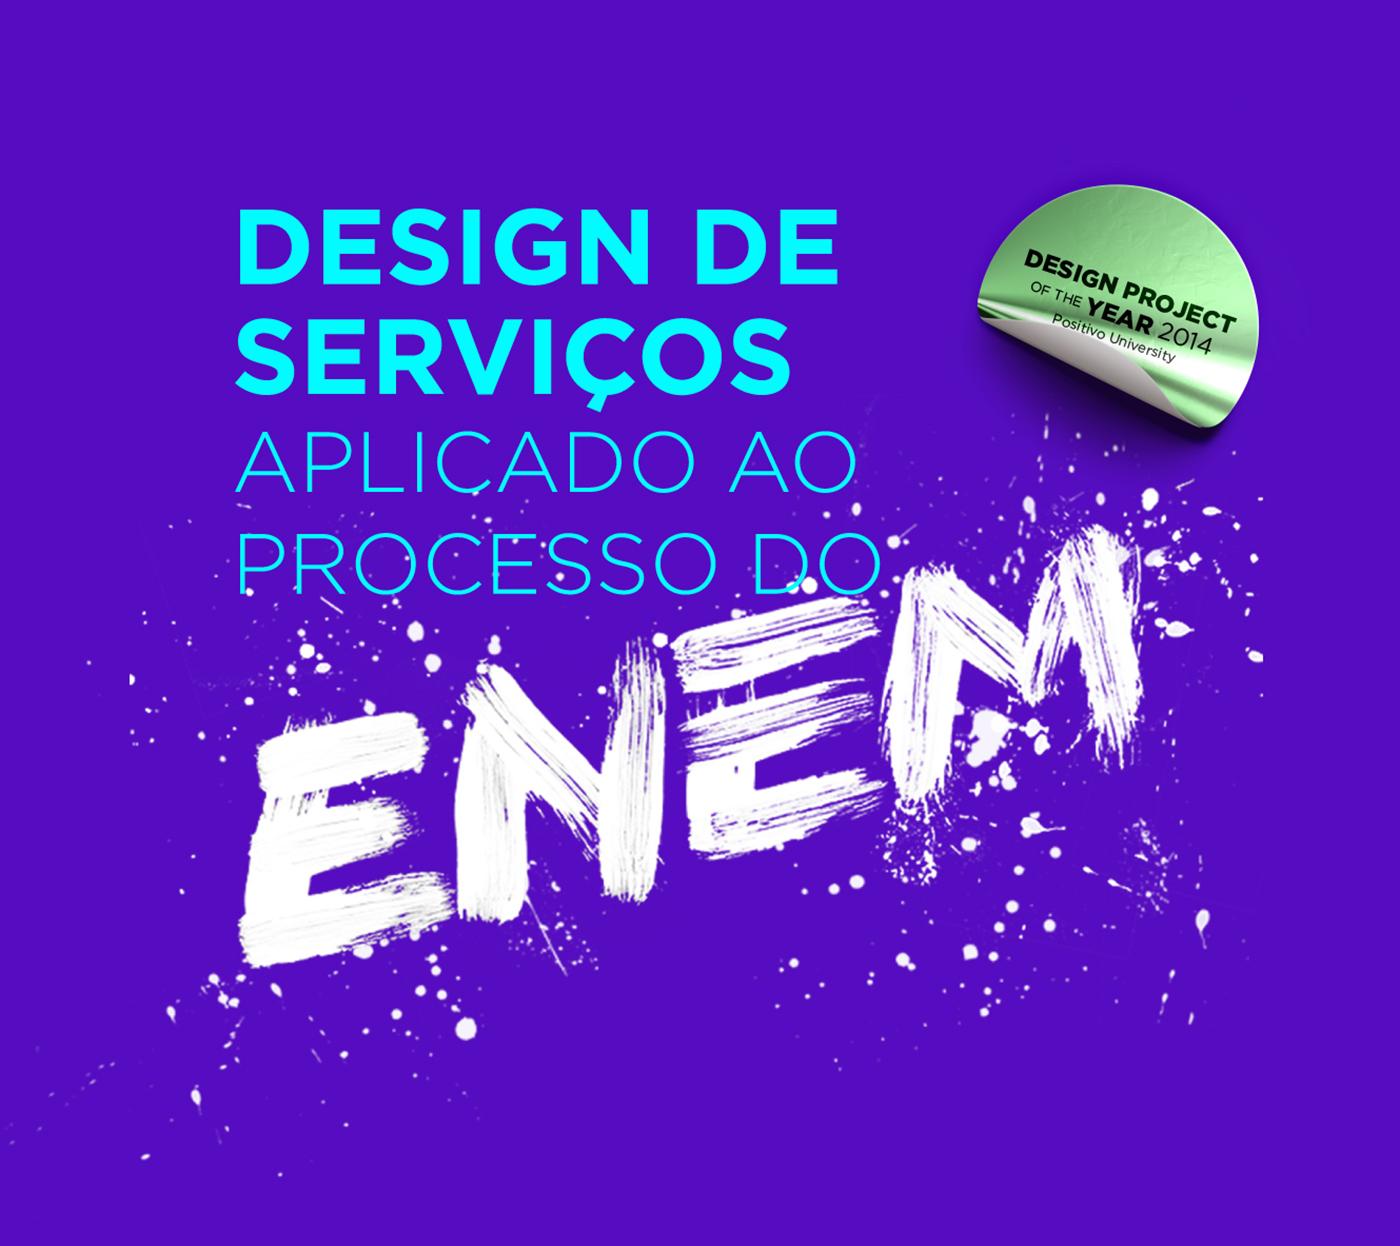 Enem Service design ux design de serviços Case Study cocreation